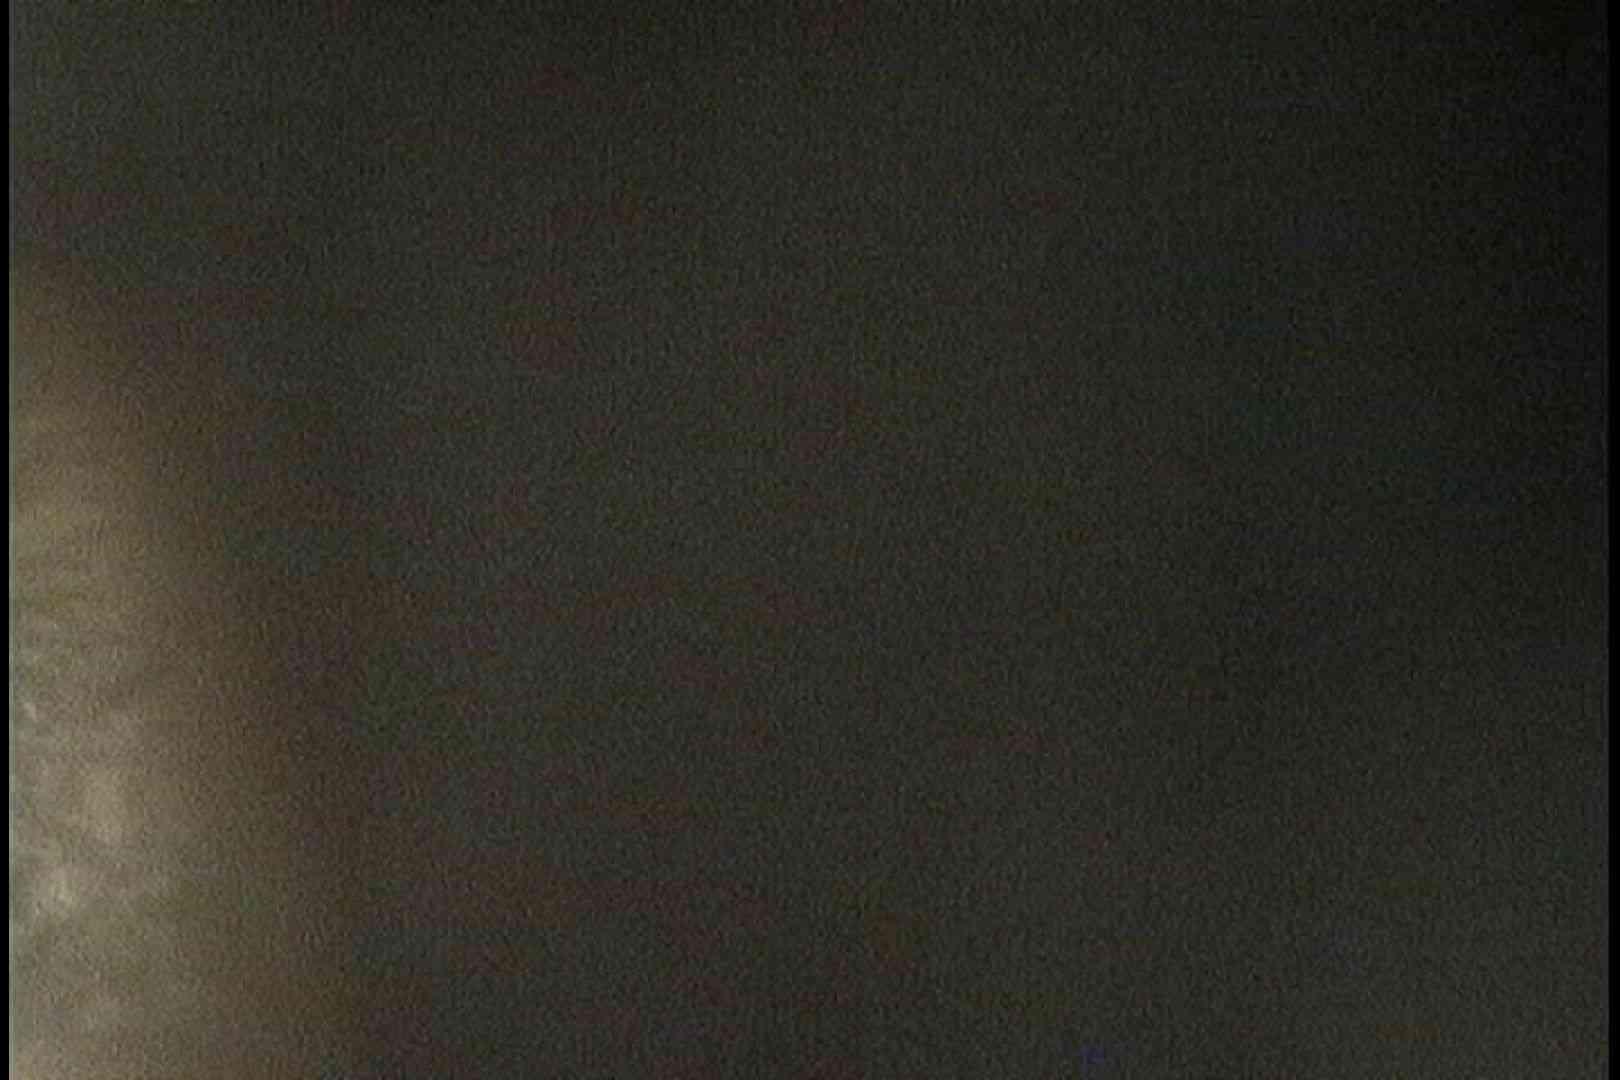 No.42 濃い目の陰毛のその奥には!! シャワー室  106PIX 80